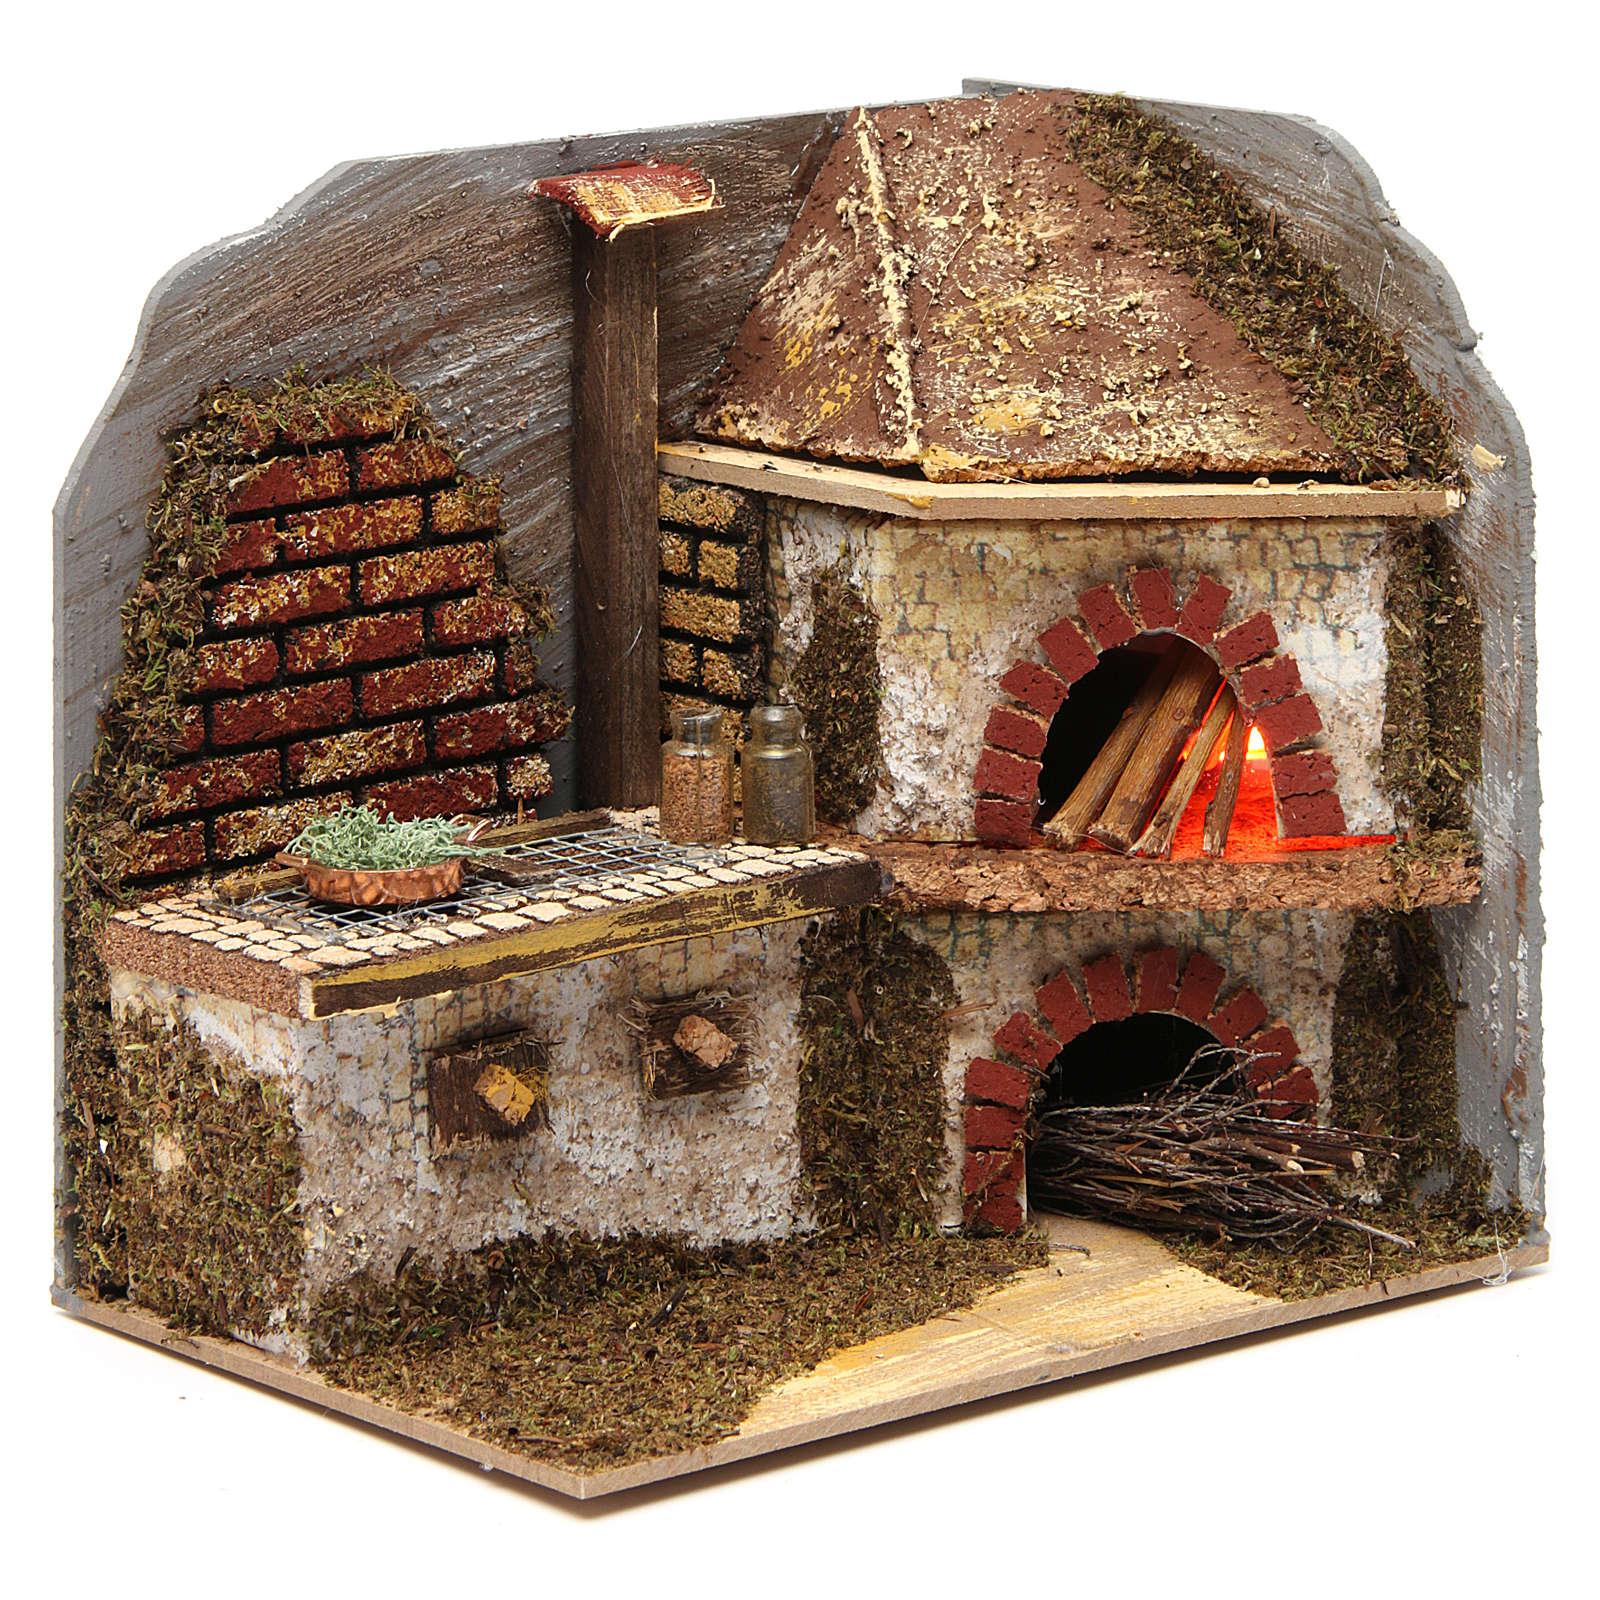 Cucina con forno a legna per presepe 20x20x15 cm vendita for Sportello per forno a legna